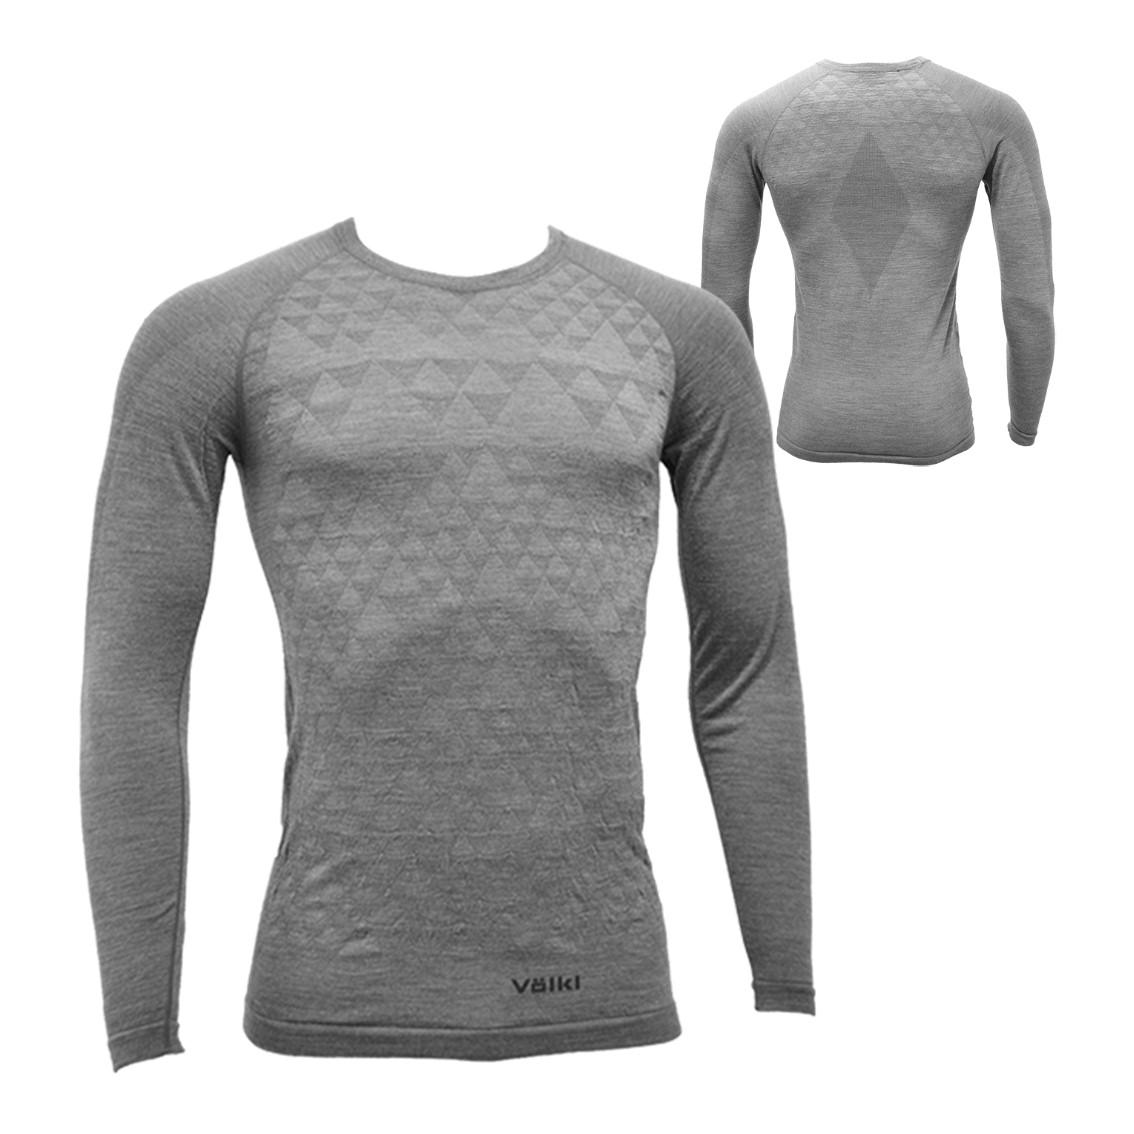 underwear OEM wool top Manufacturer base layer